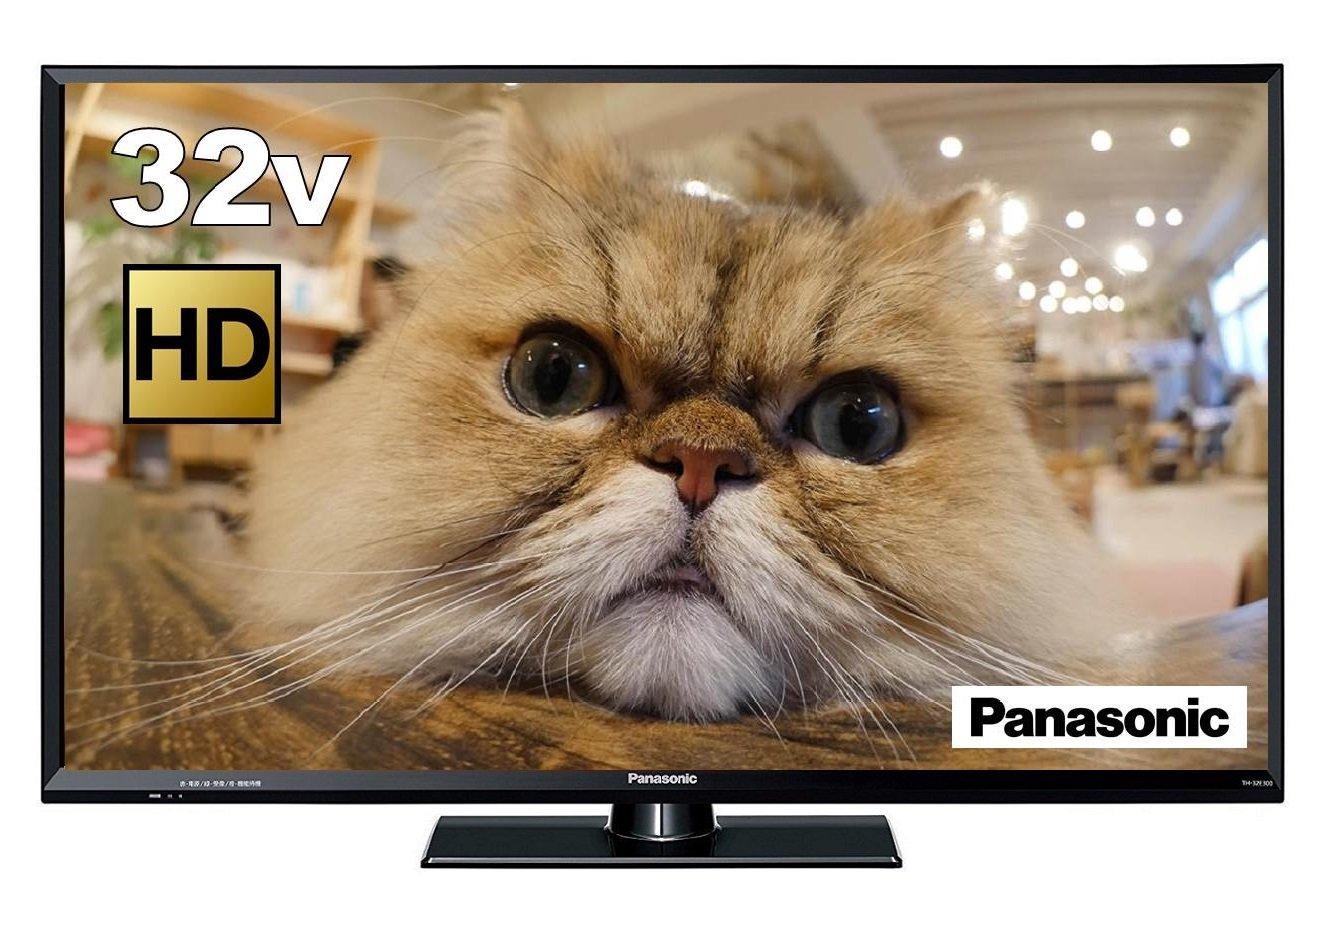 アマゾンで売れ筋No1のパナソニック 32V型 ハイビジョン液晶テレビ VIERA TH-32E300が38640円⇒33700円。